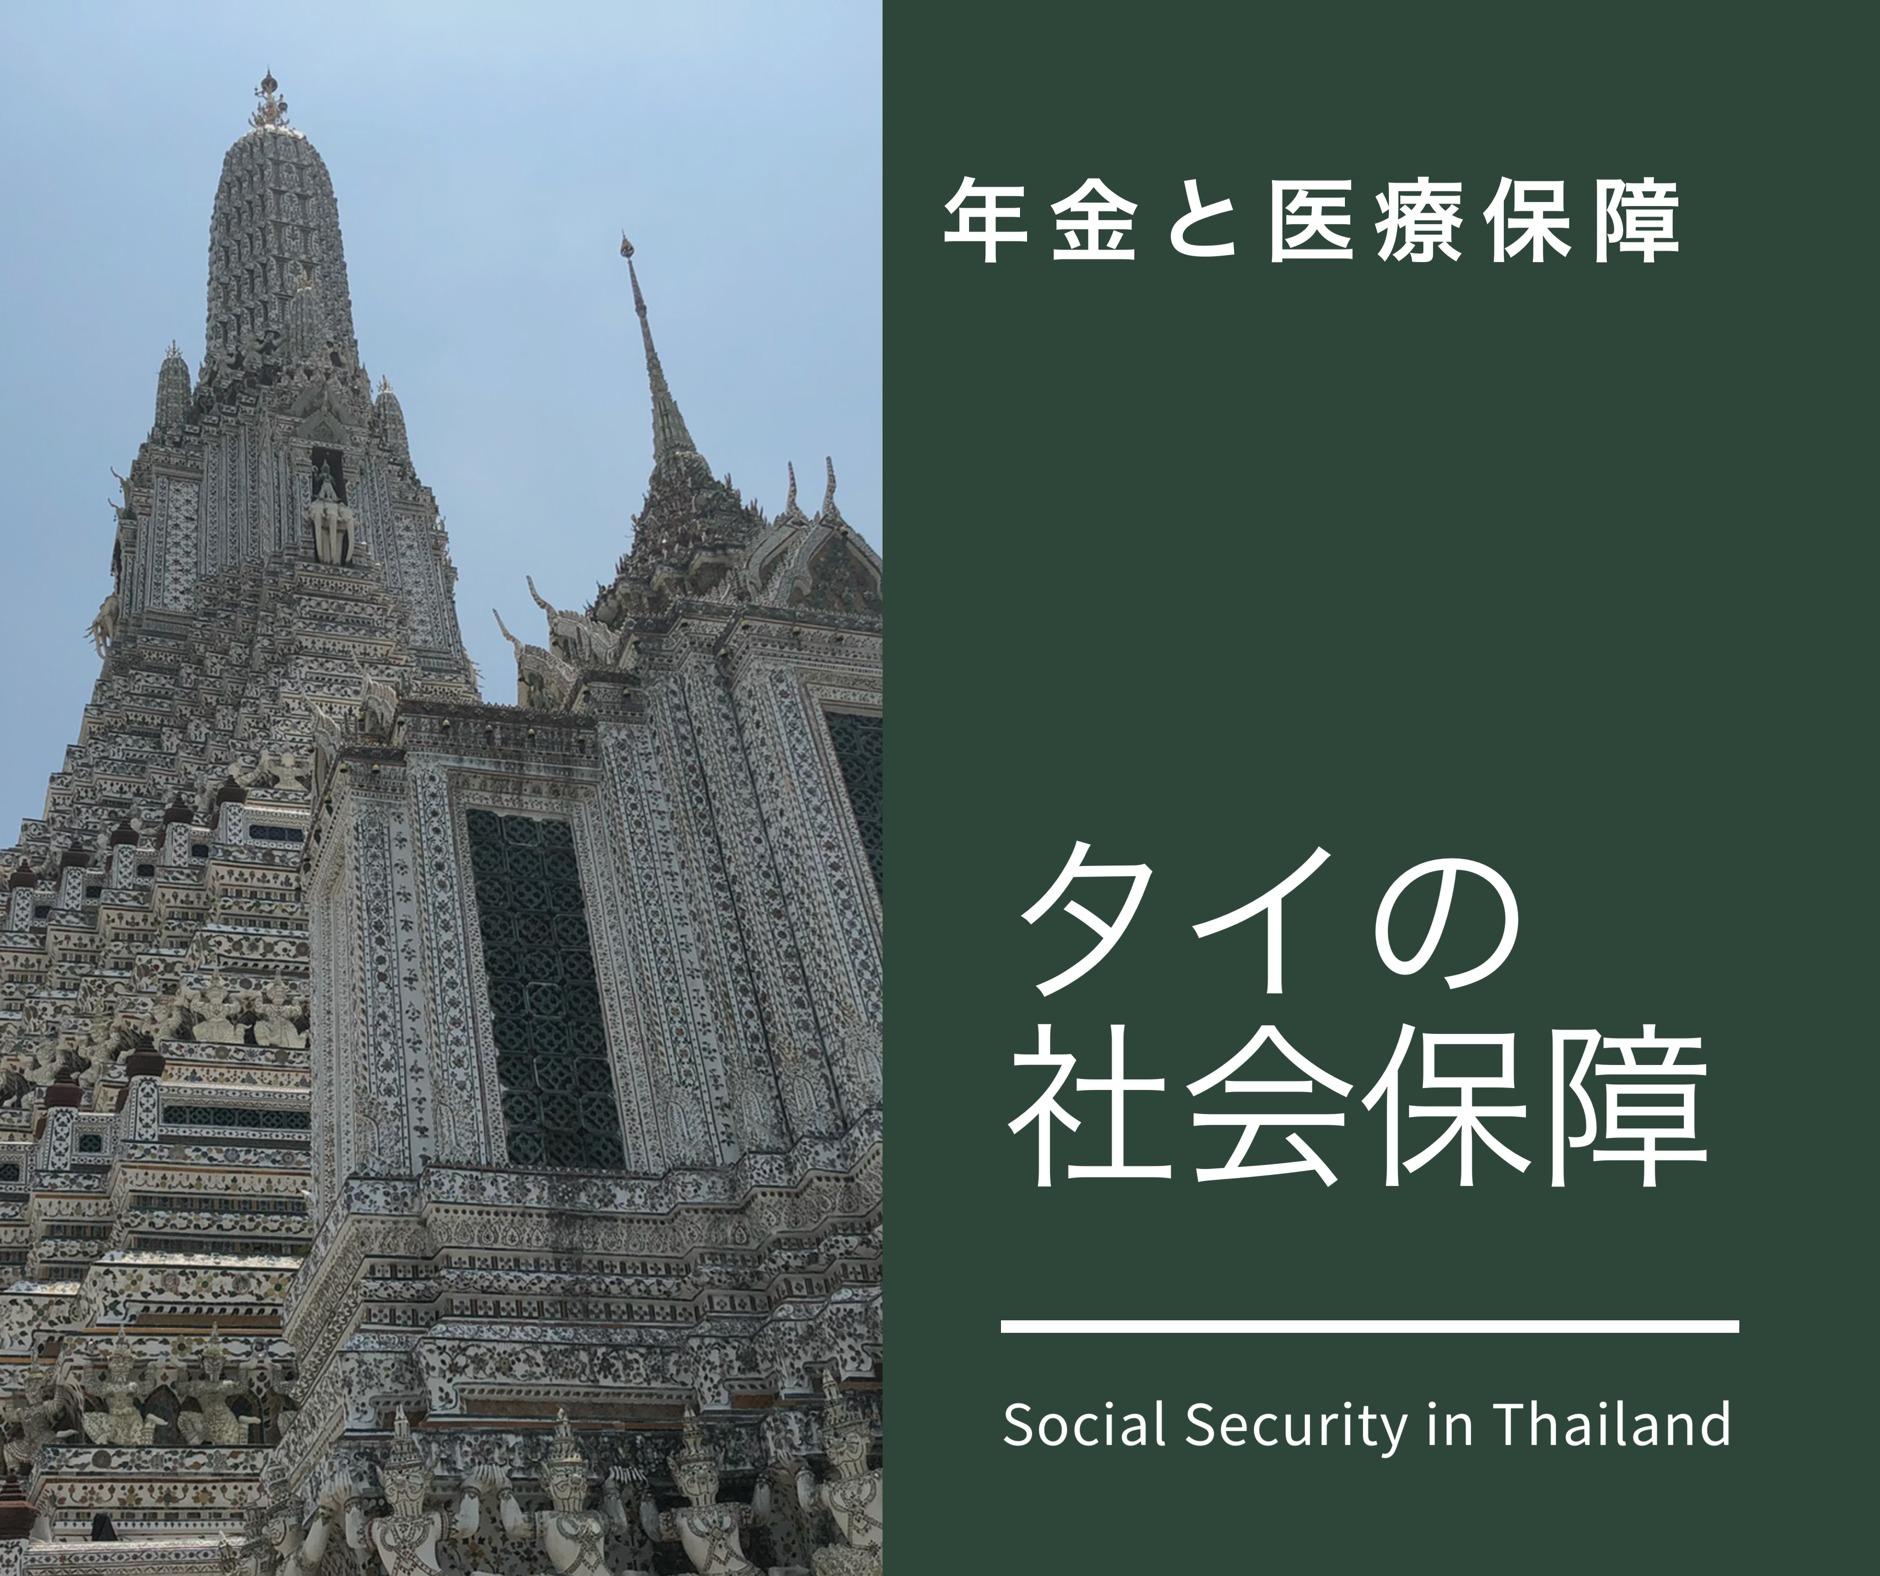 タイの社会保険制度はどうなっている!?